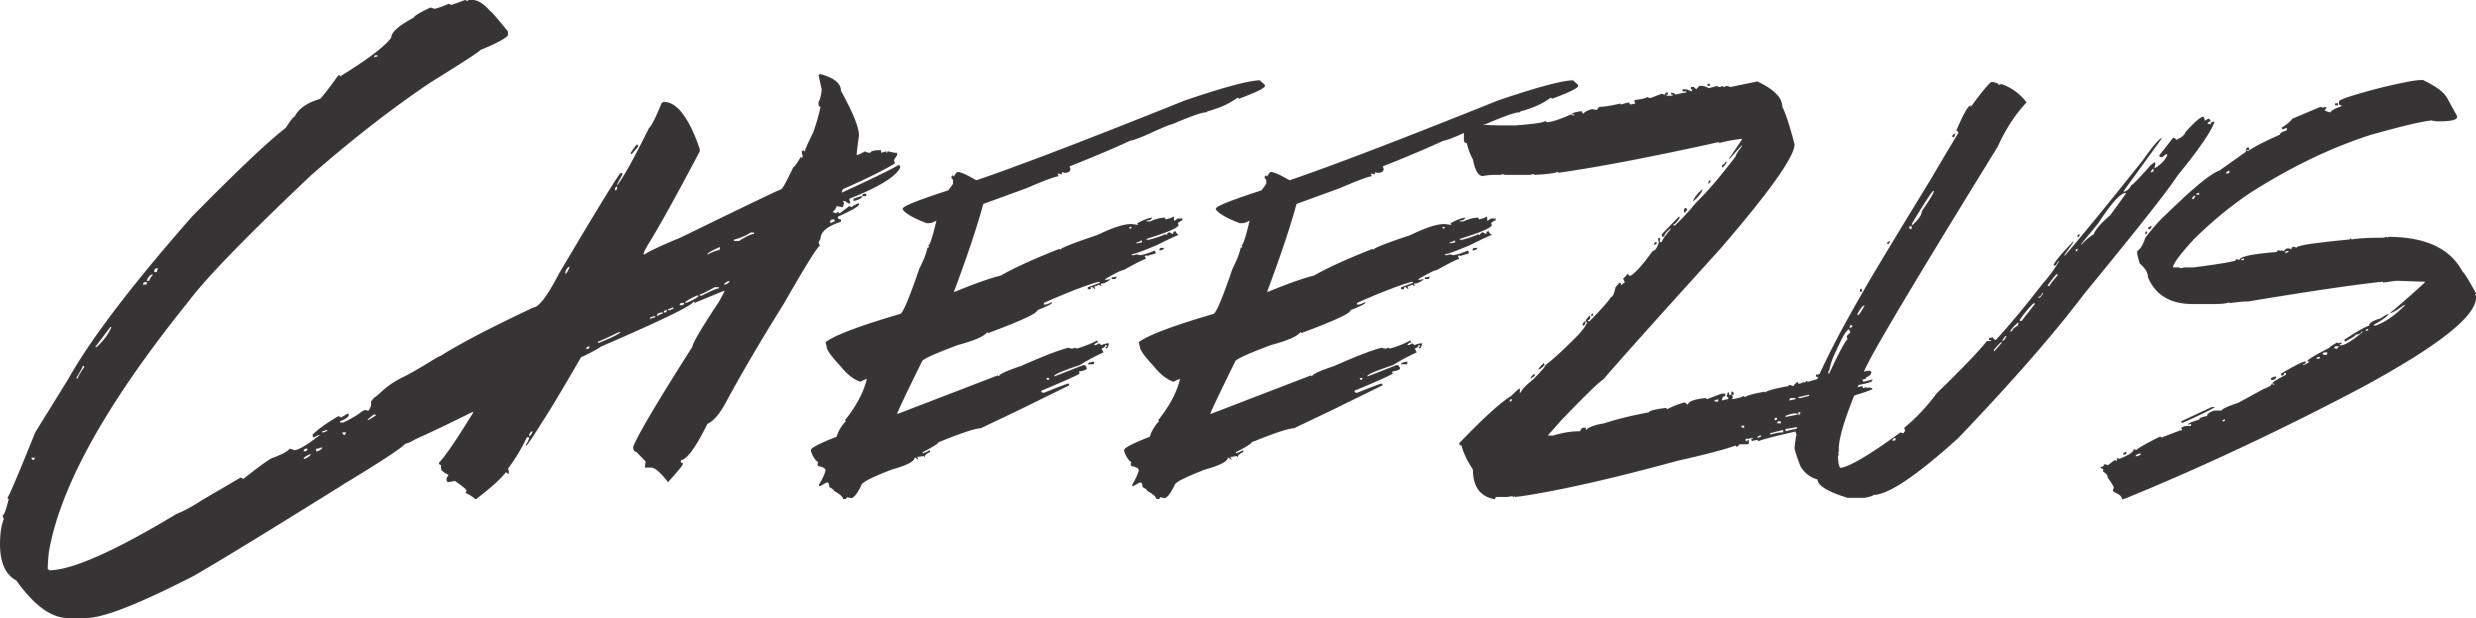 cheezus wordmark (1).jpg